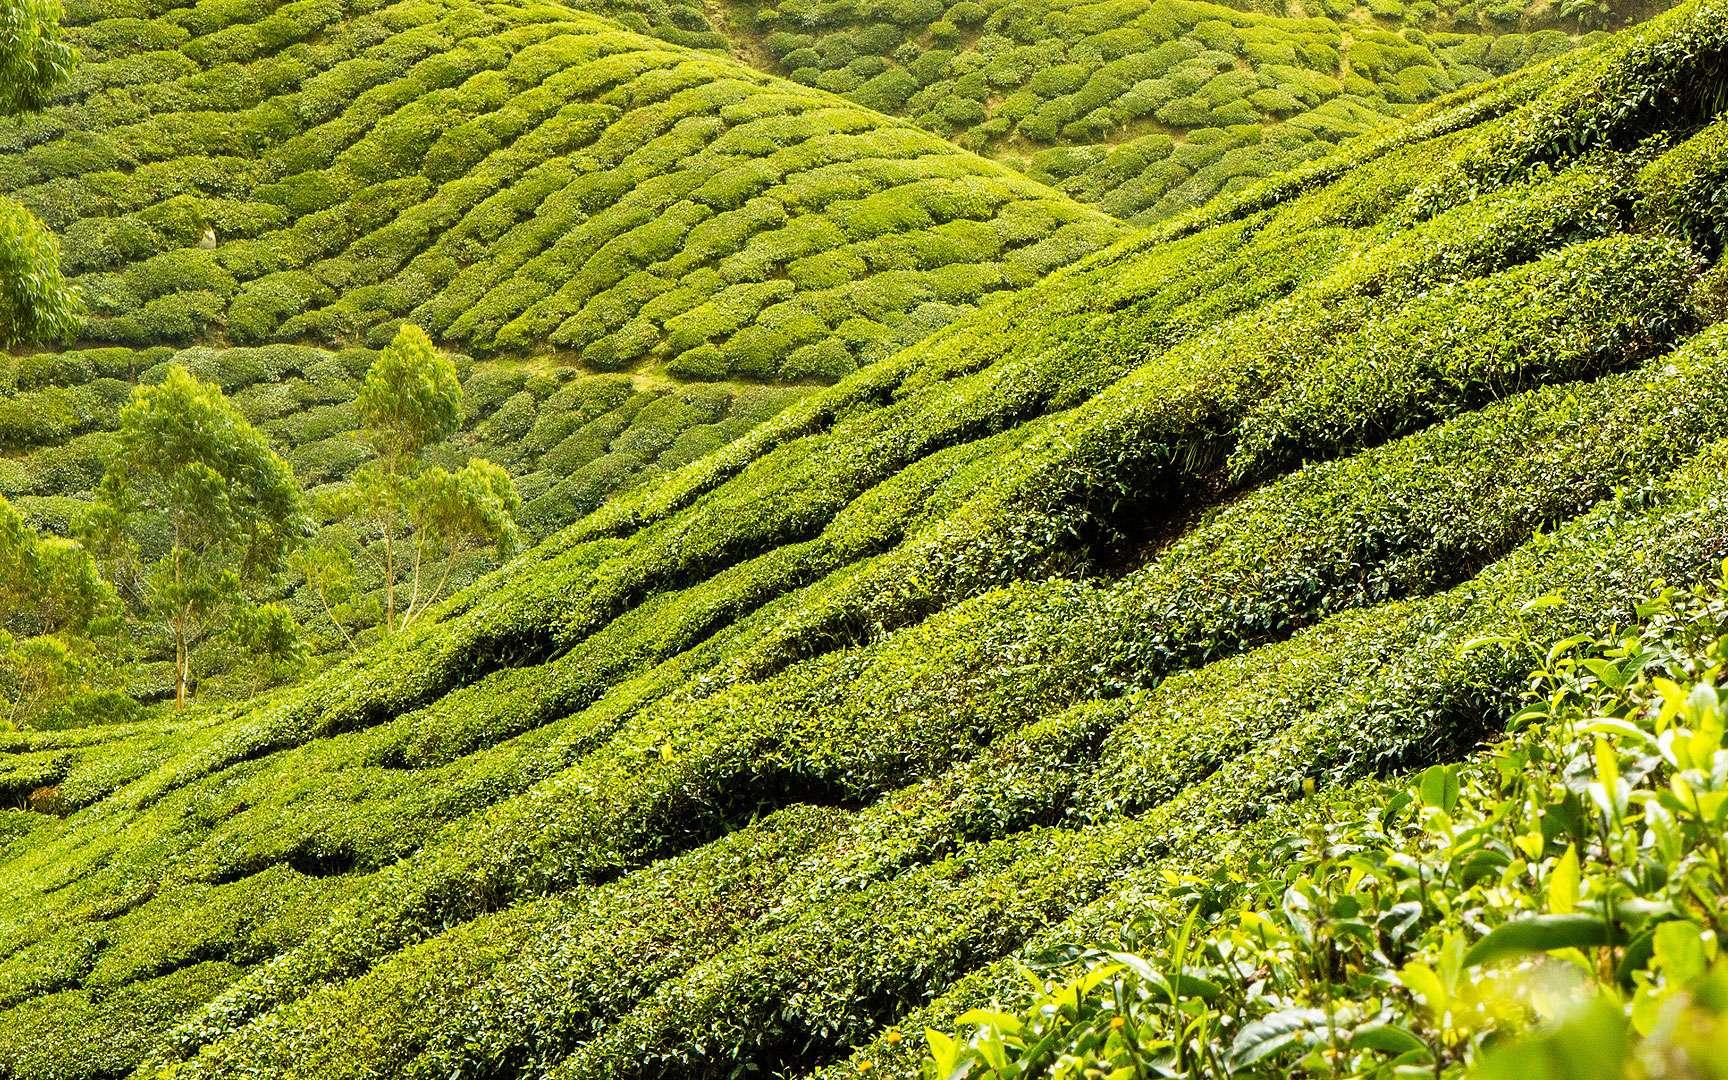 Plantation de thé. Plantation et champs de thé. © Syahirhakim, Domaine public